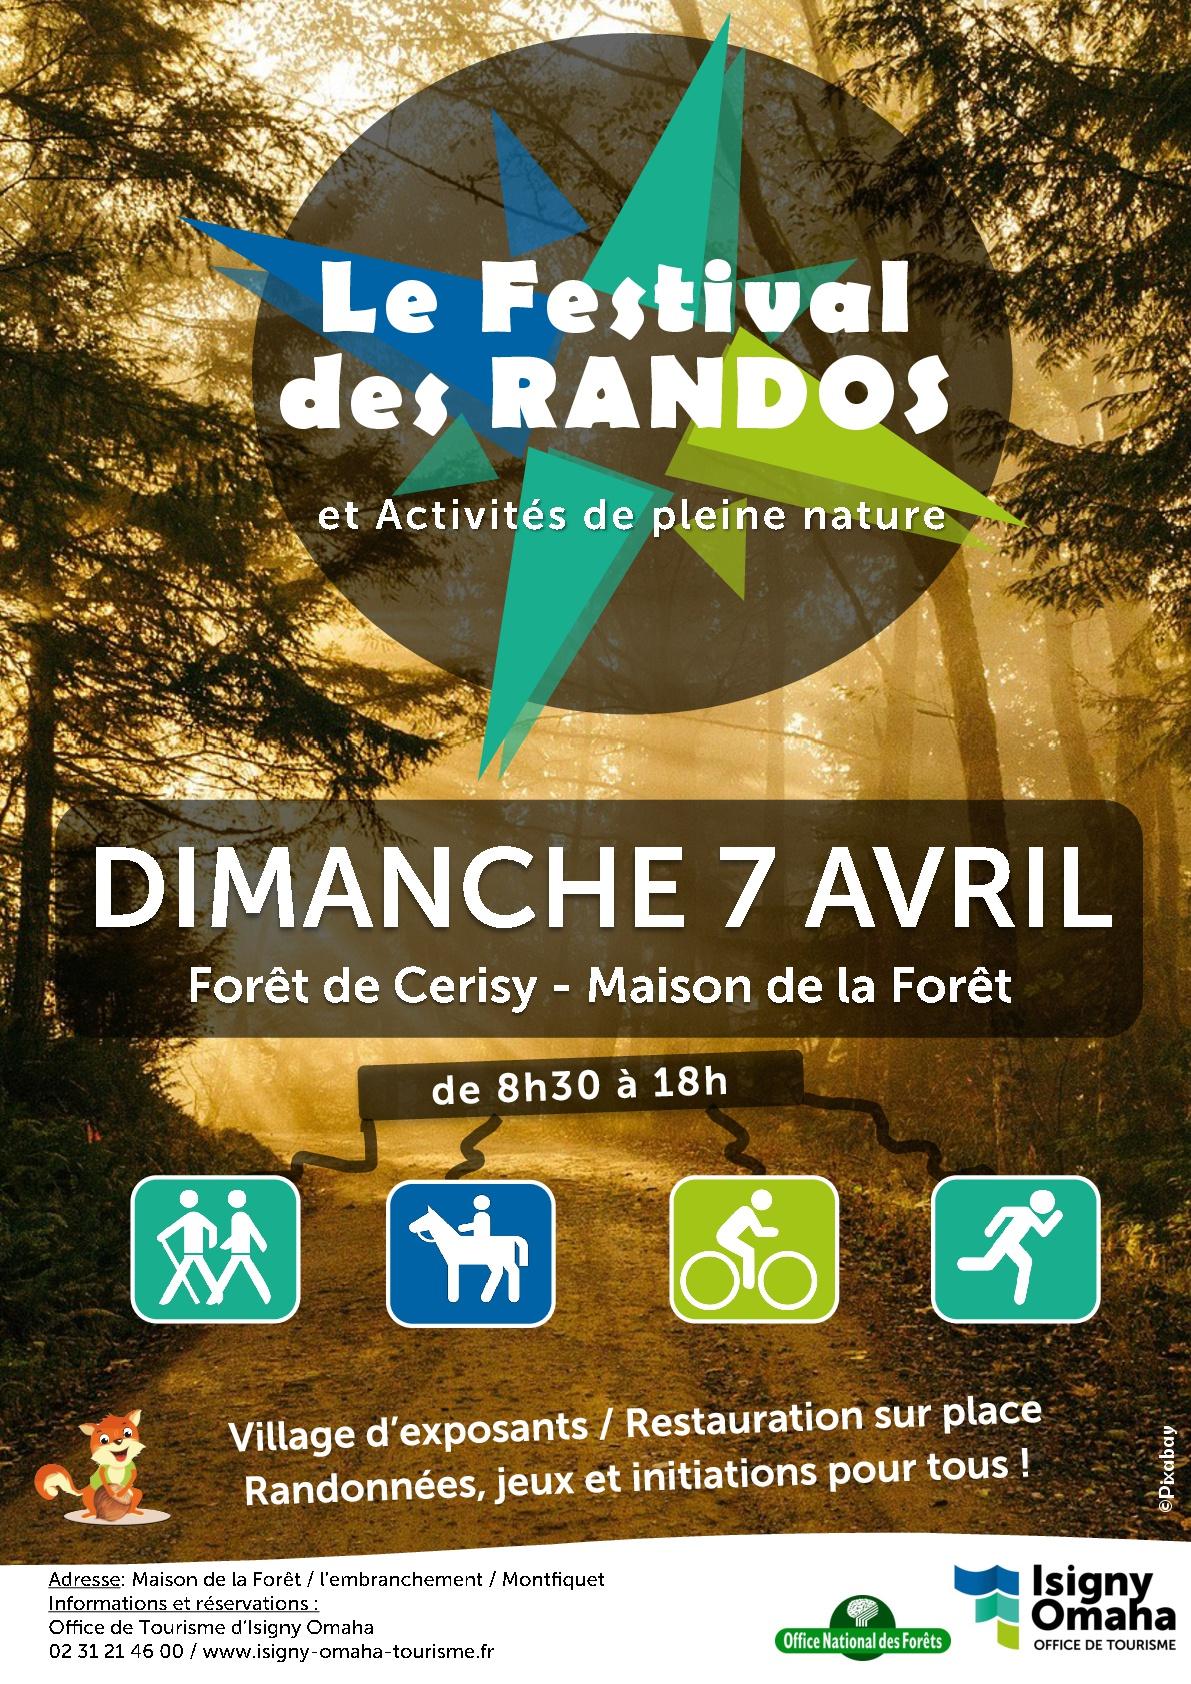 Affiche de la première édition du festival des Randos qui aura lieu le 7 avril 2019